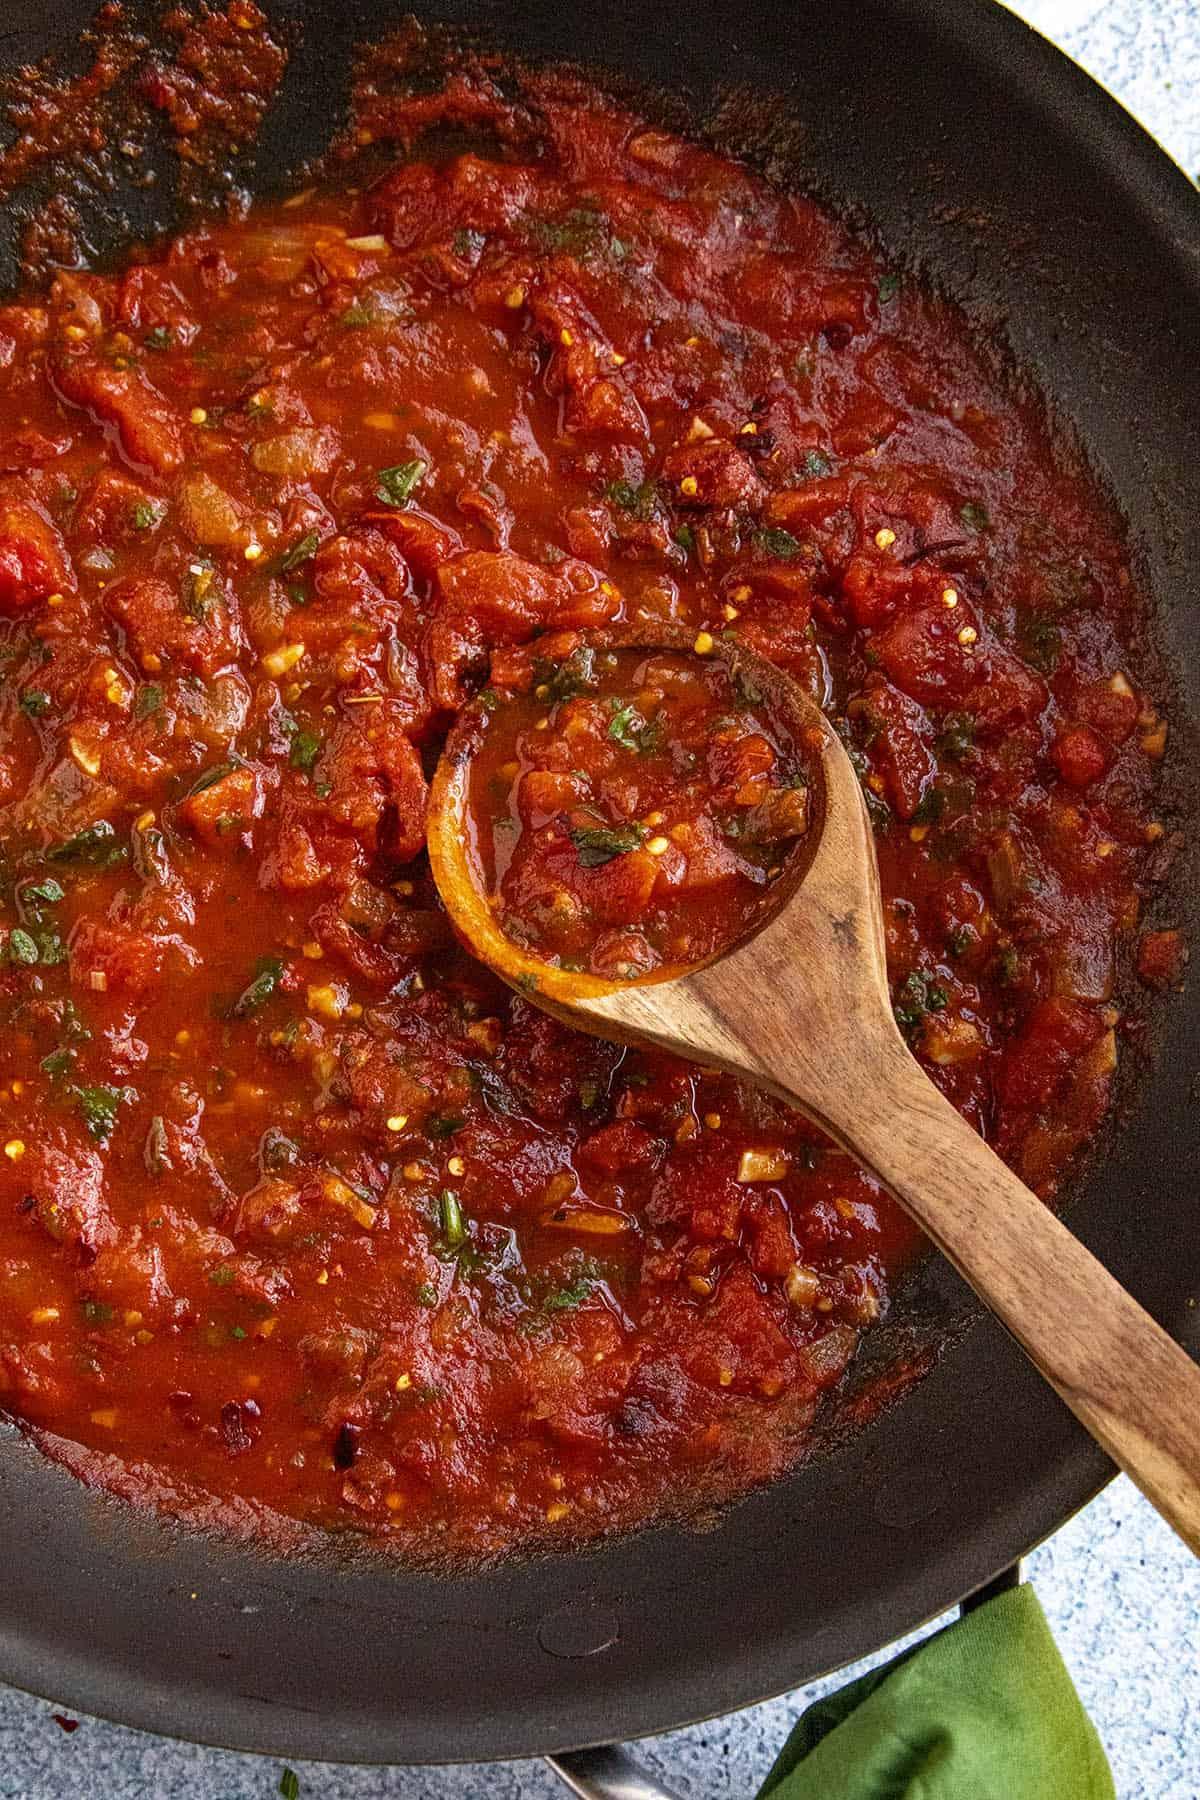 Fra Diavolo Sauce on a spoon